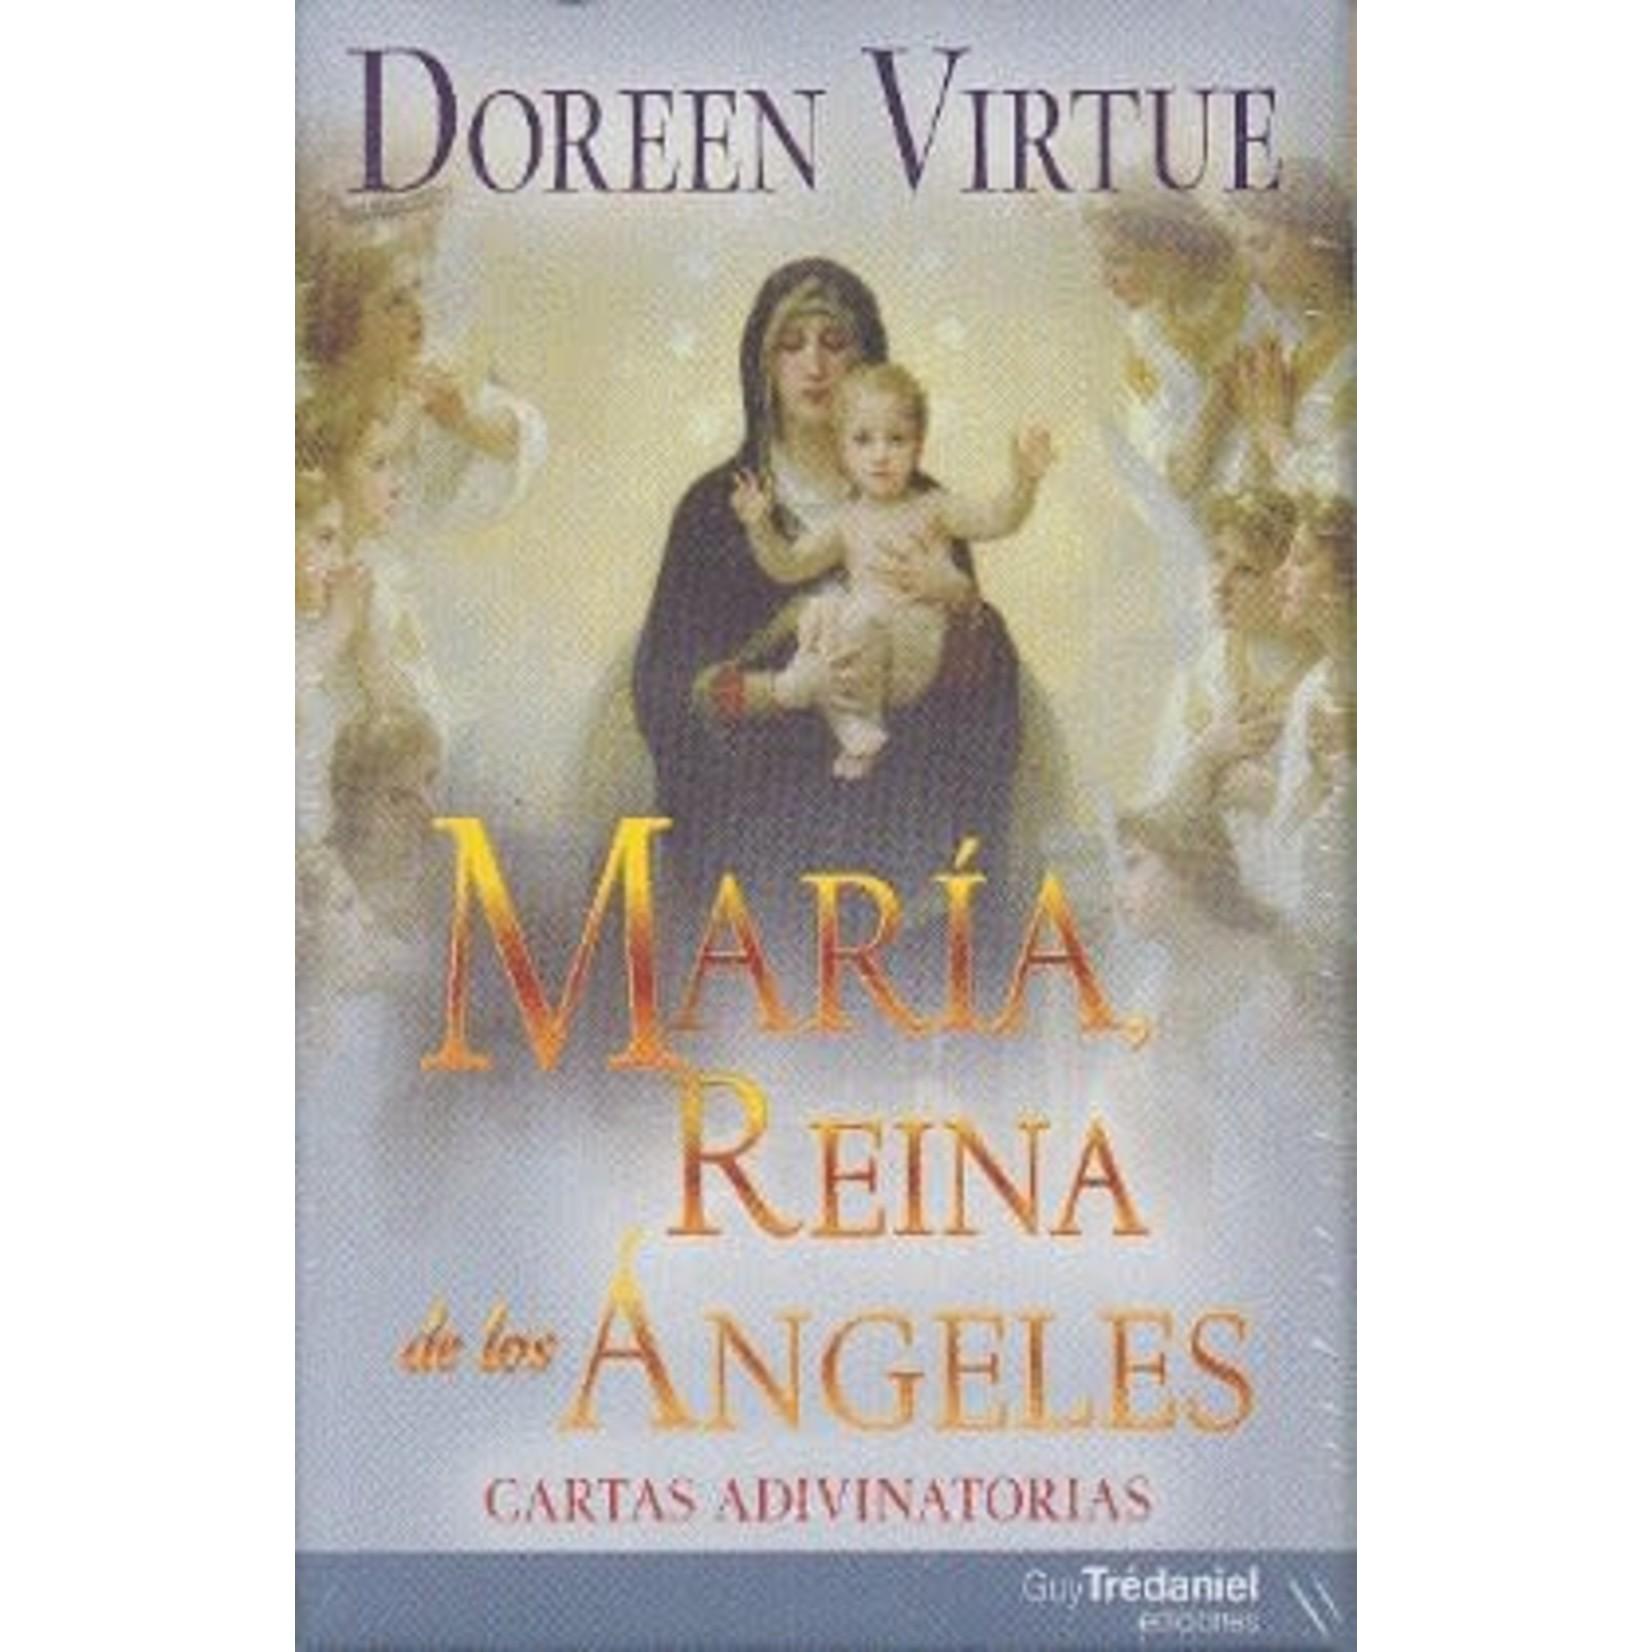 MARIA REINA DE LOS ANGELES CARTAS ADIVINATORIAS